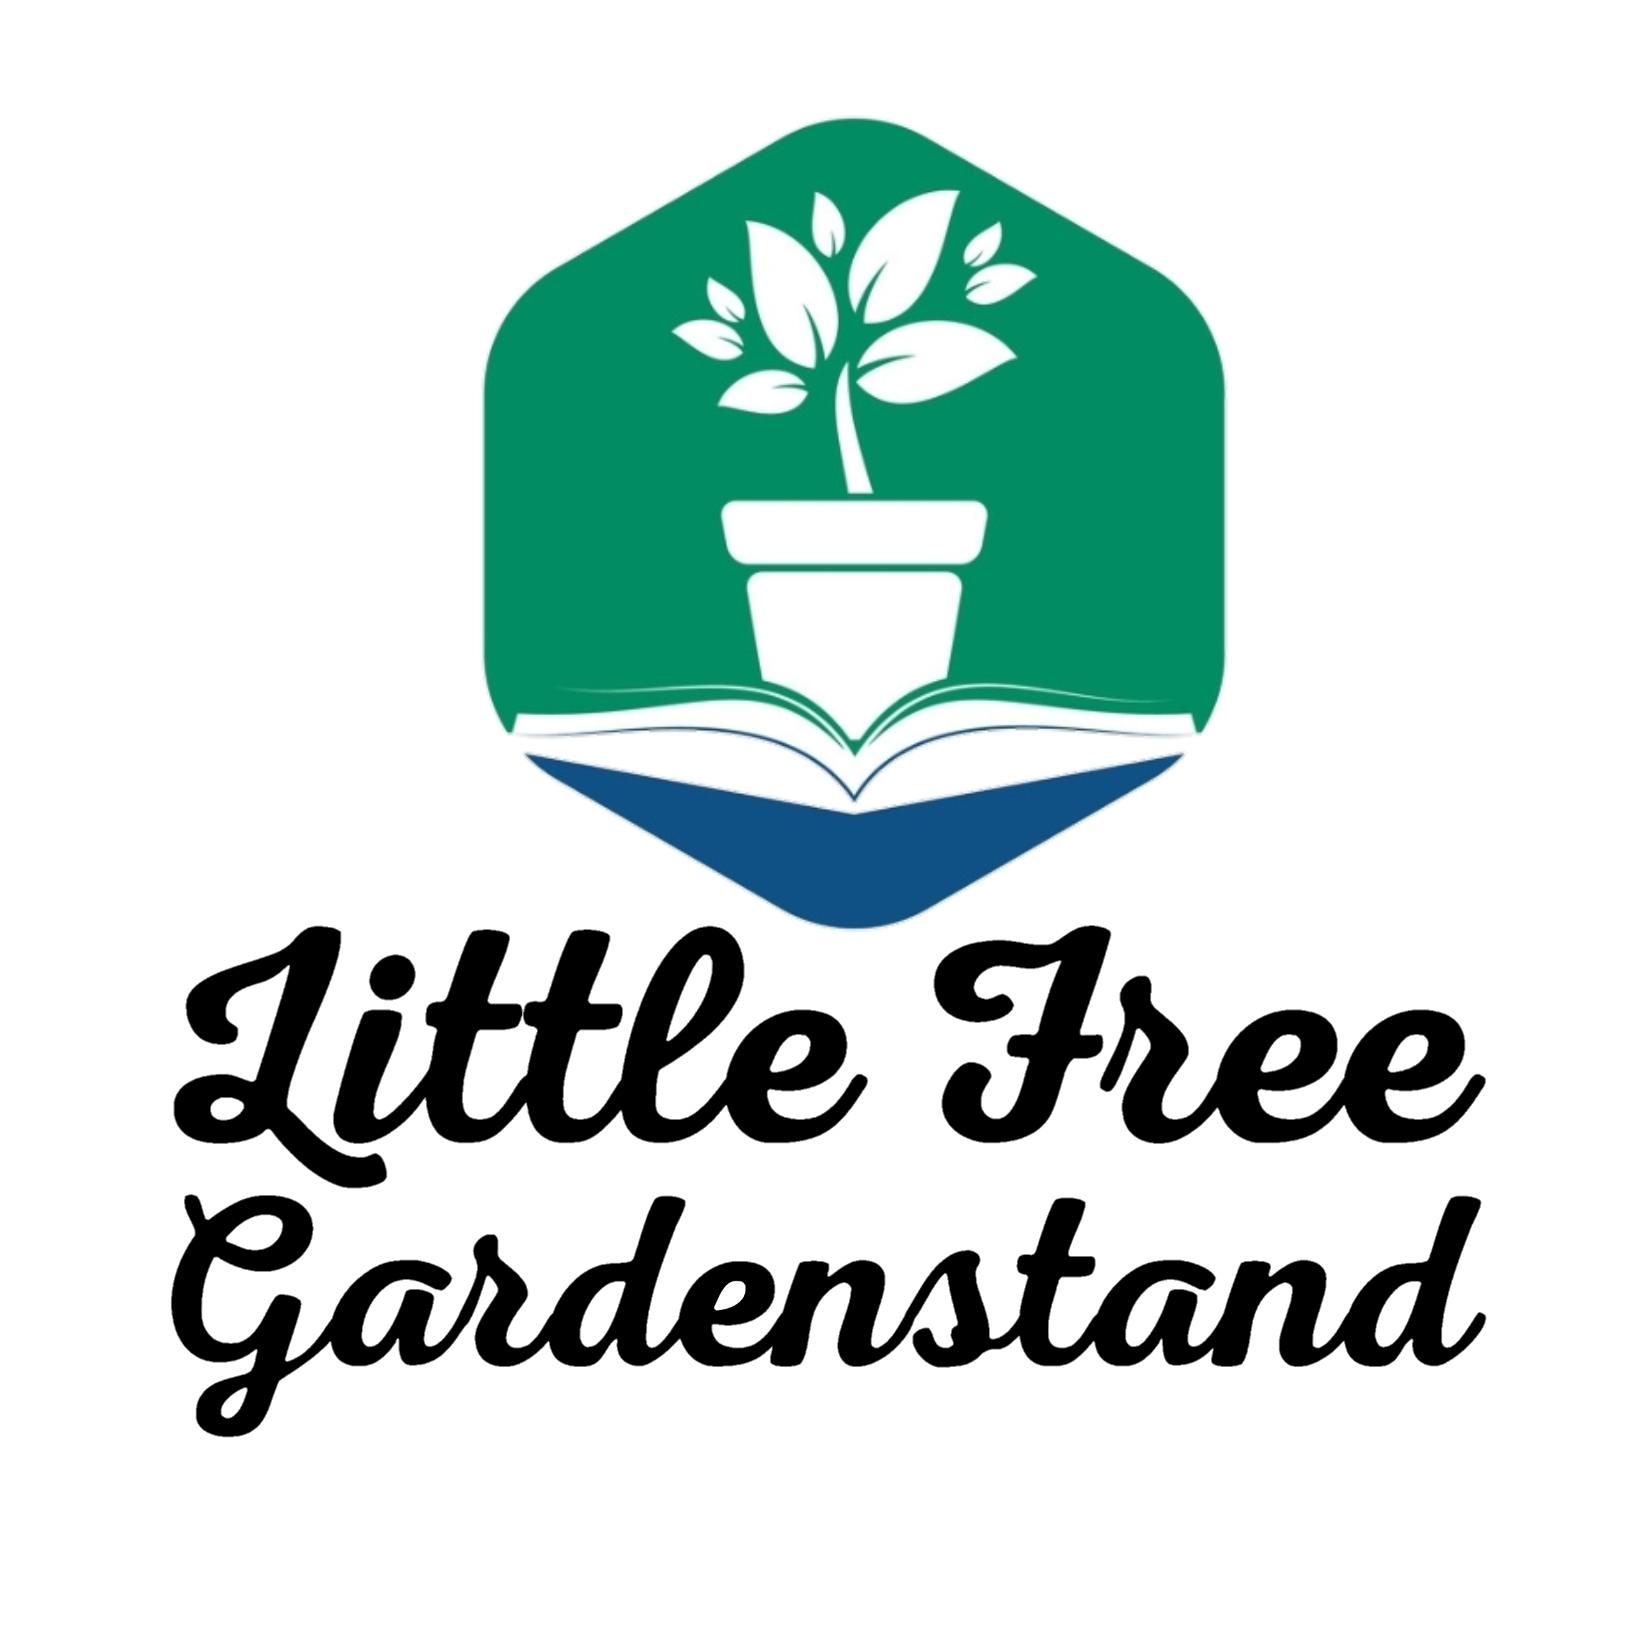 Little Free Gardenstand